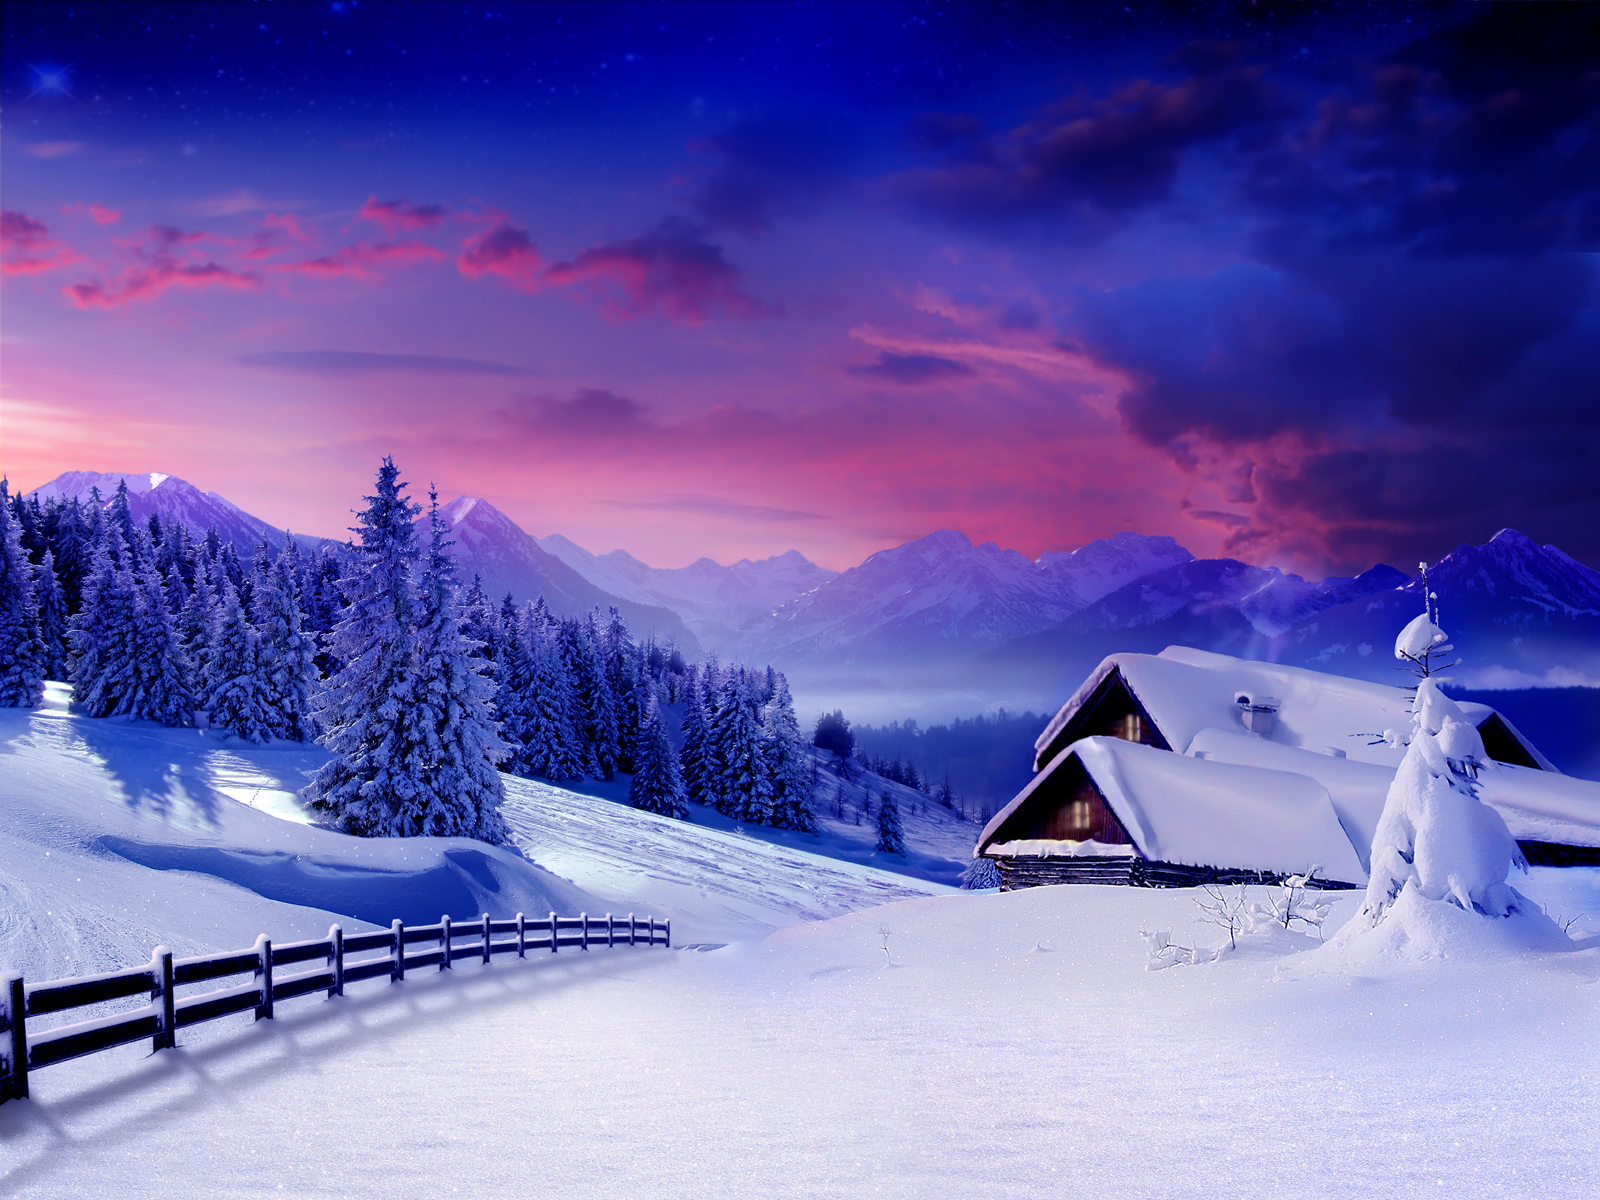 December Morning Snow wallpaper